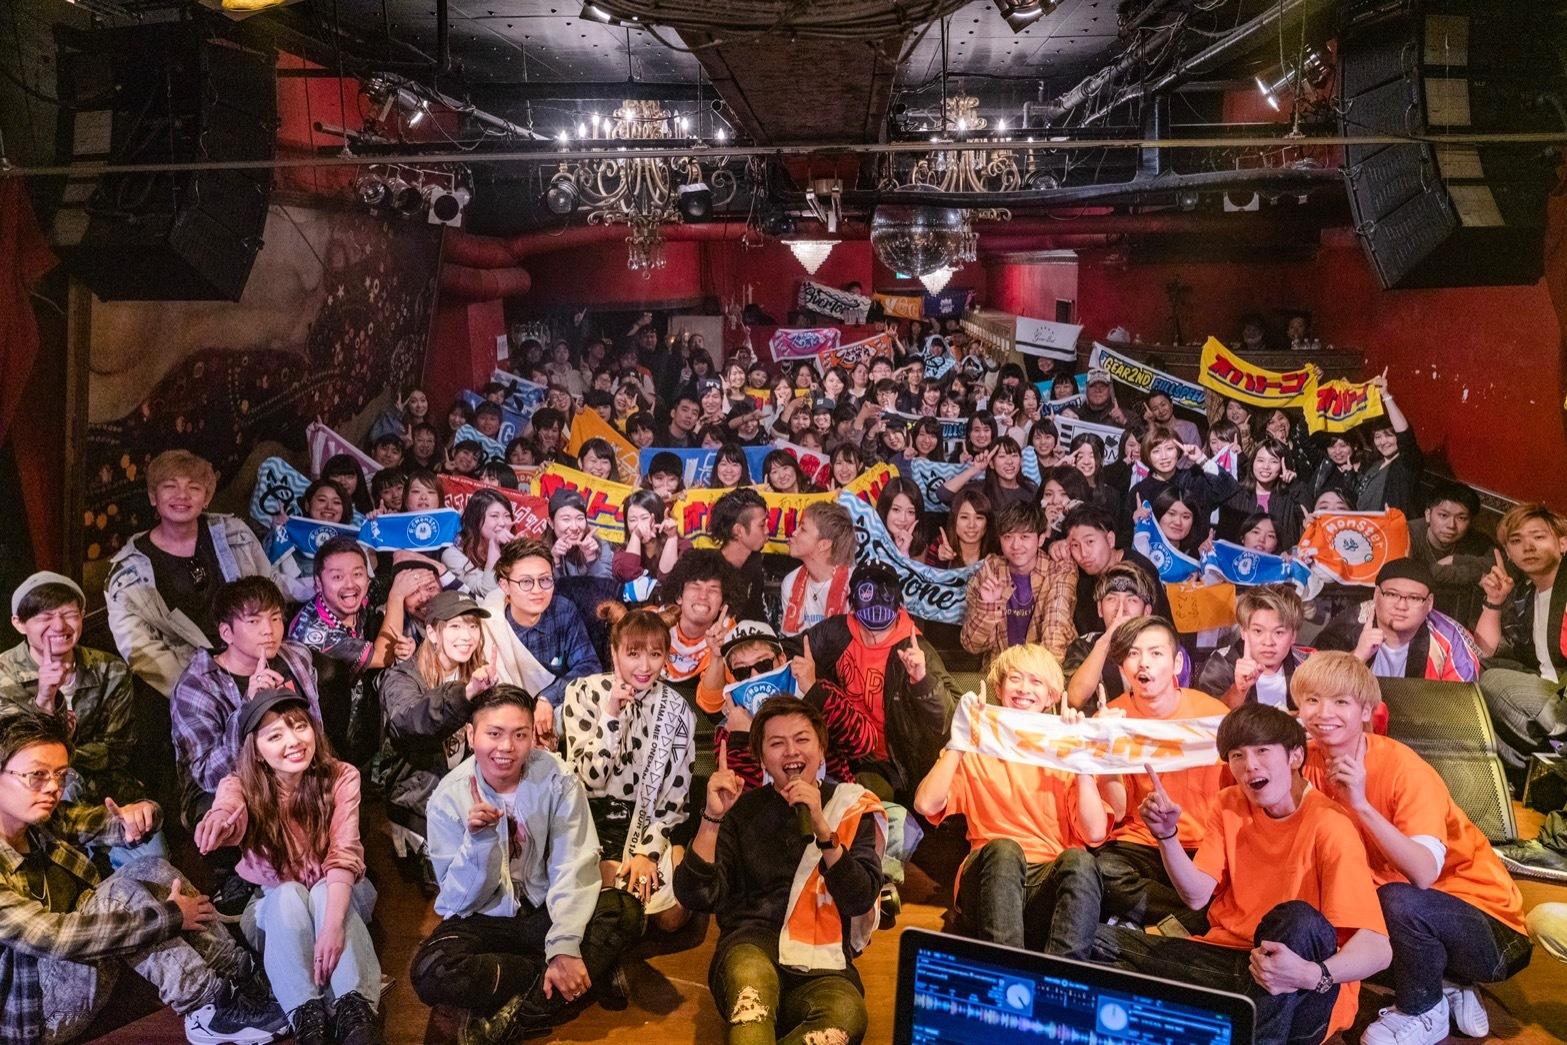 【YASUHIRO】〜コロナ救済緊急企画〜これからも笑顔になれるライブイベントを作り続けたい!!